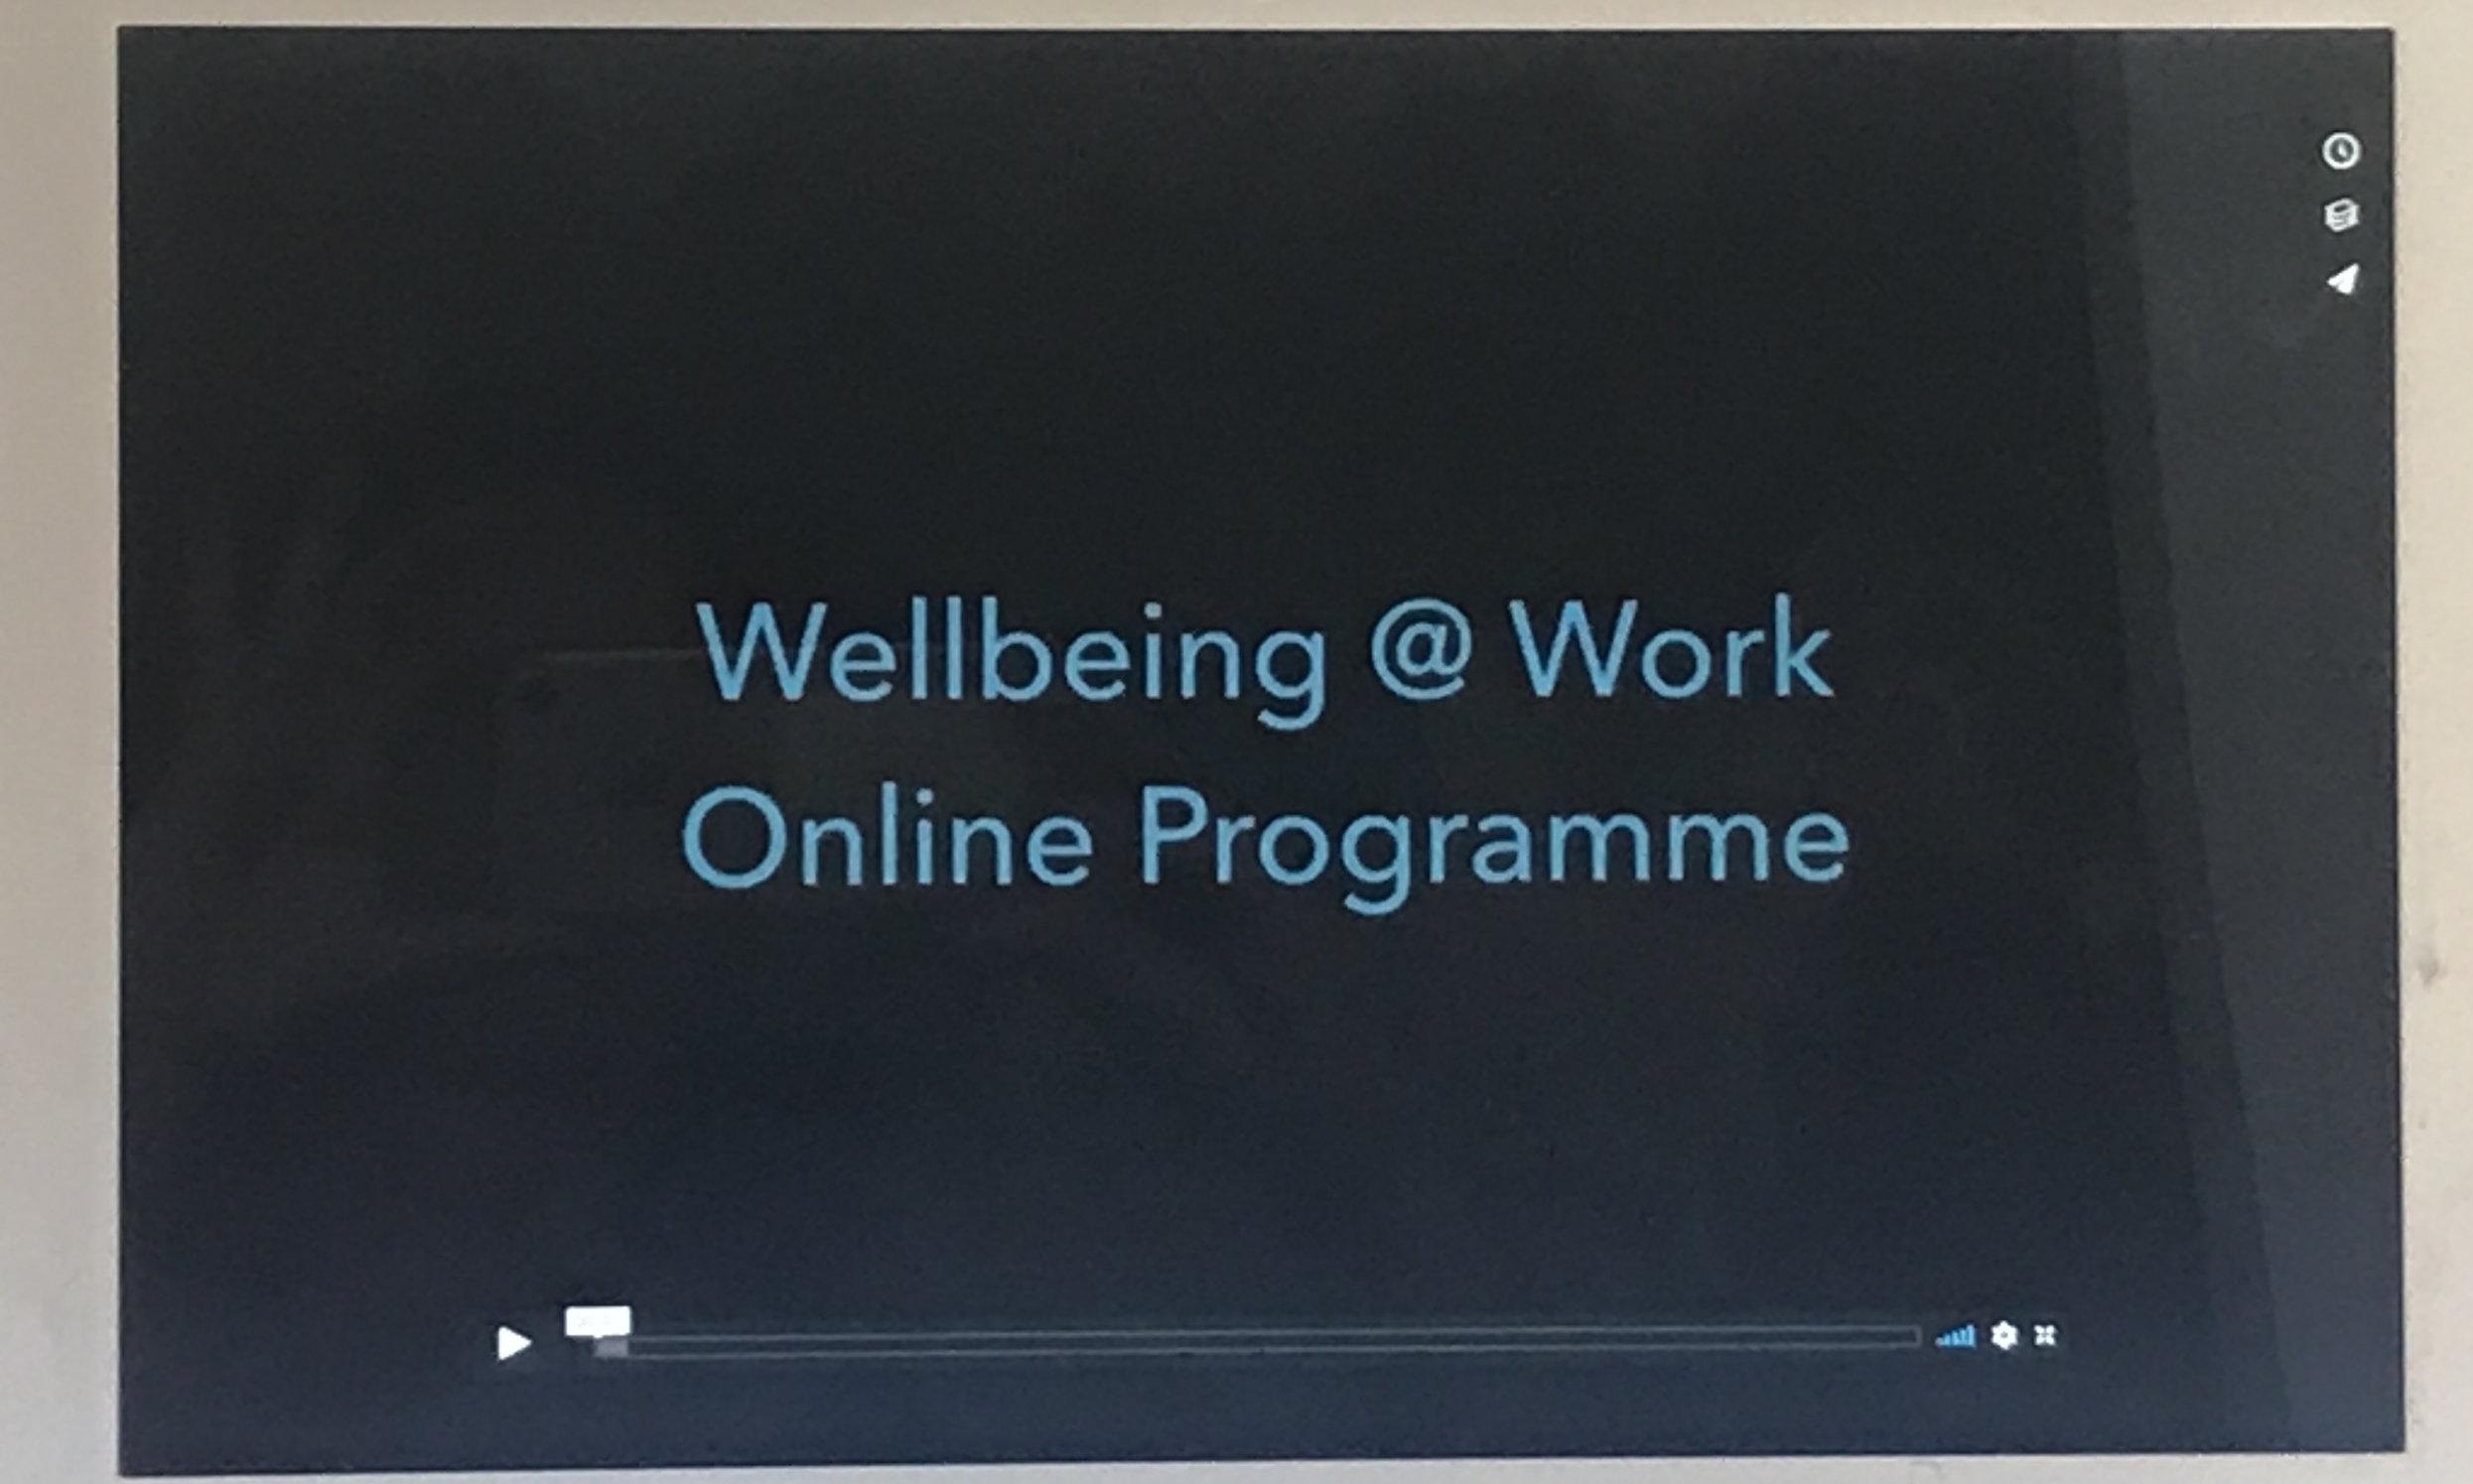 Wellbeing at Work Webinars